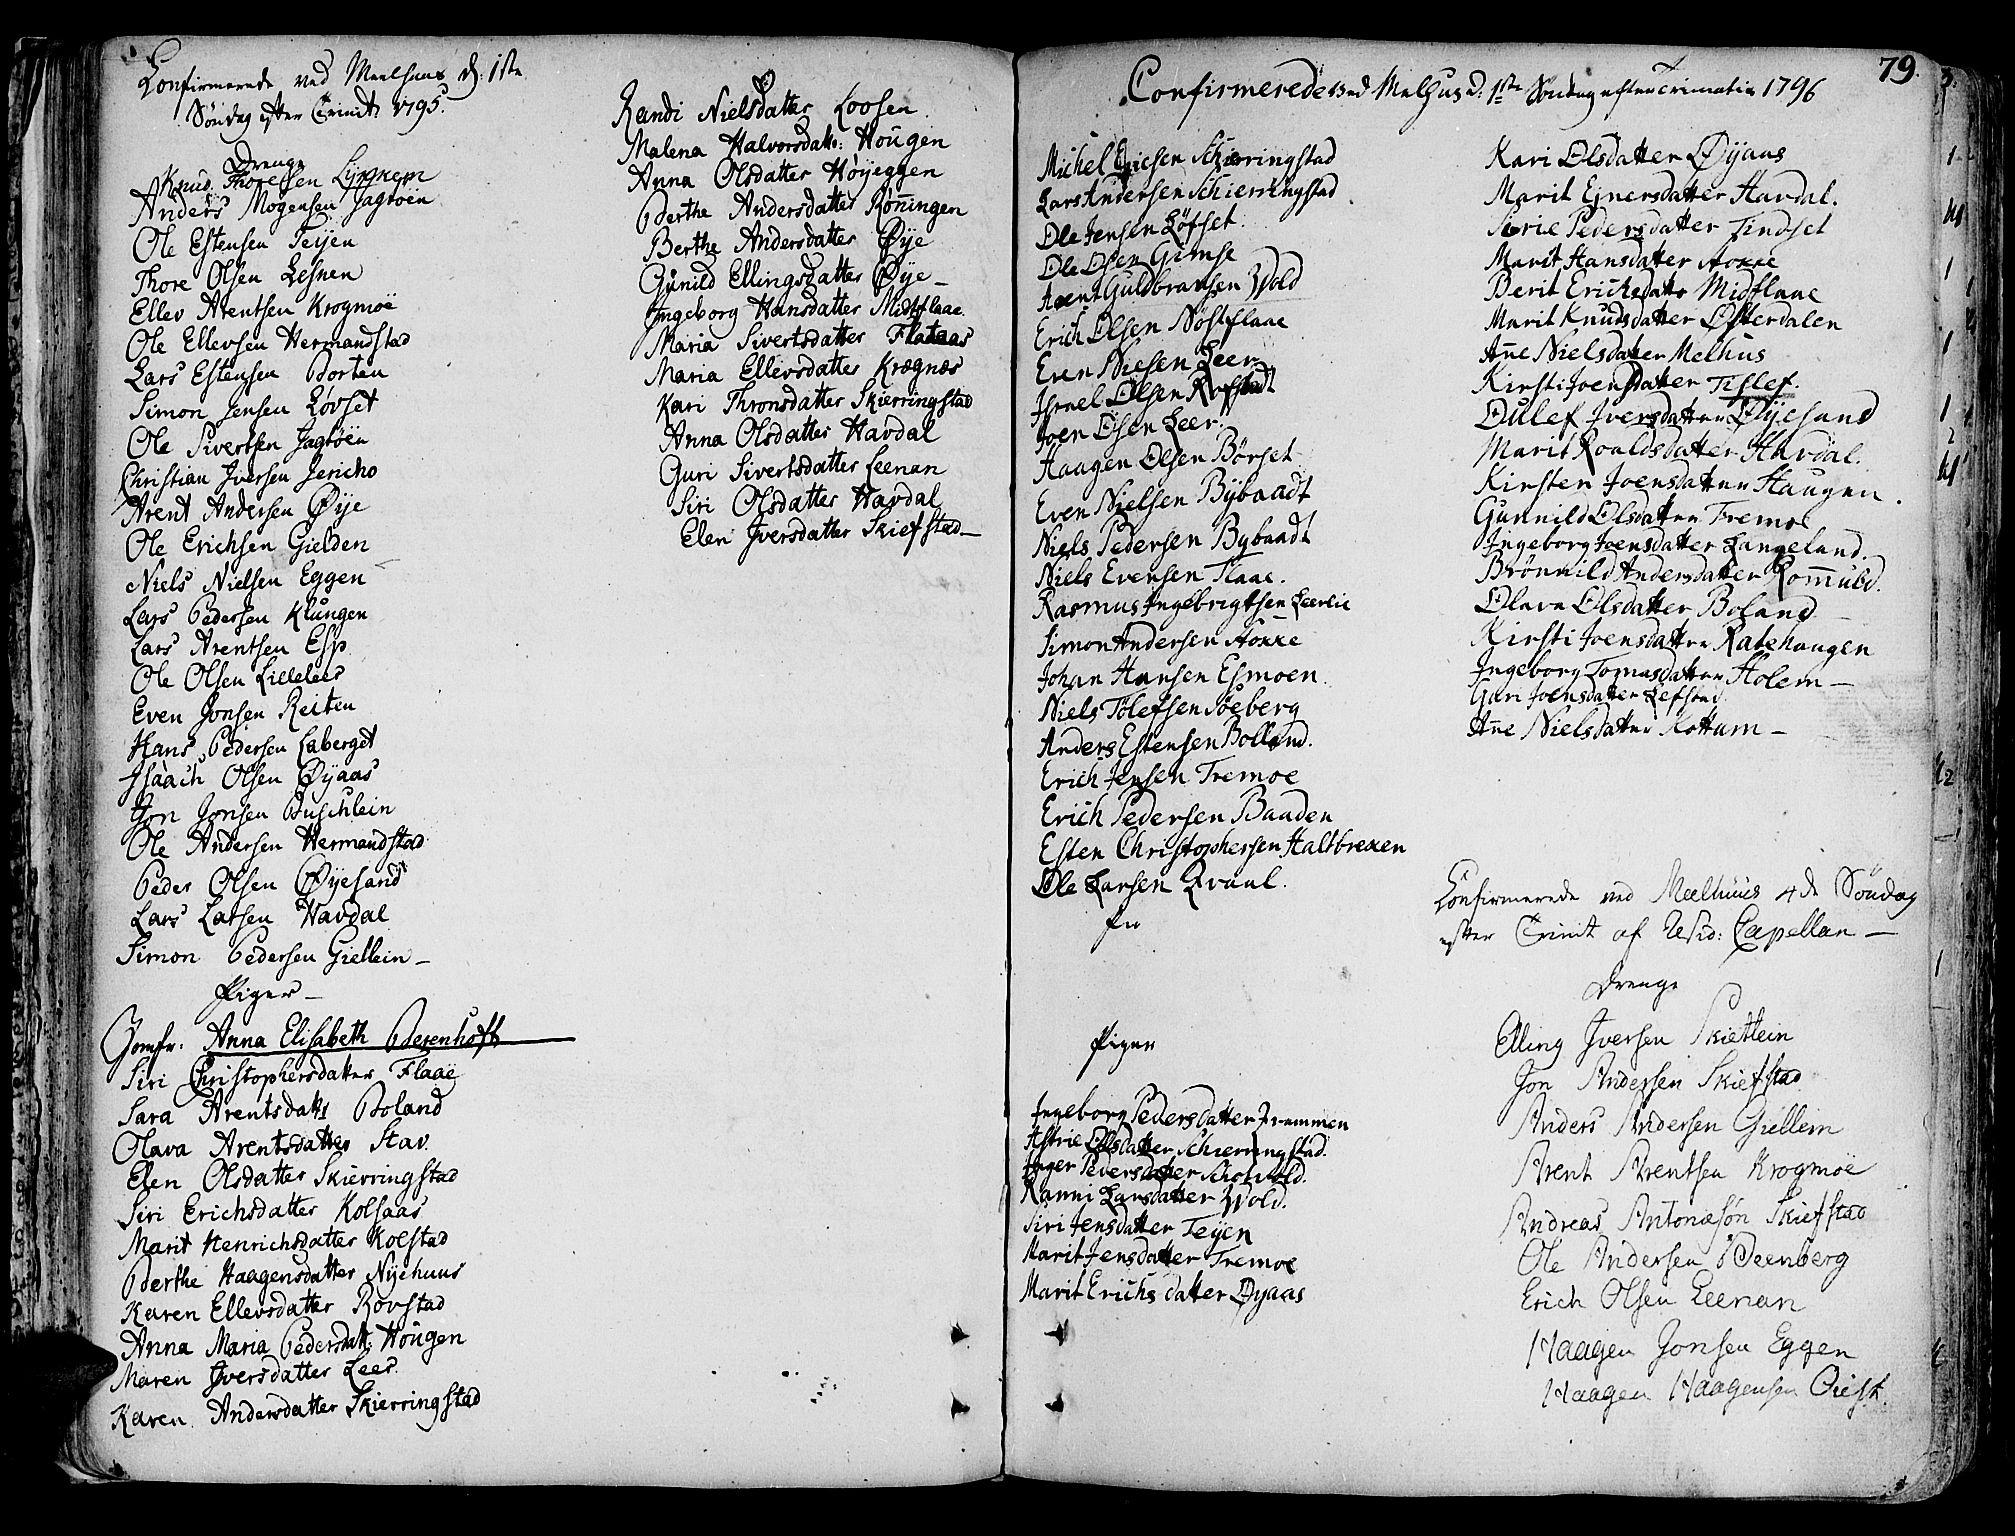 SAT, Ministerialprotokoller, klokkerbøker og fødselsregistre - Sør-Trøndelag, 691/L1061: Ministerialbok nr. 691A02 /1, 1768-1815, s. 79